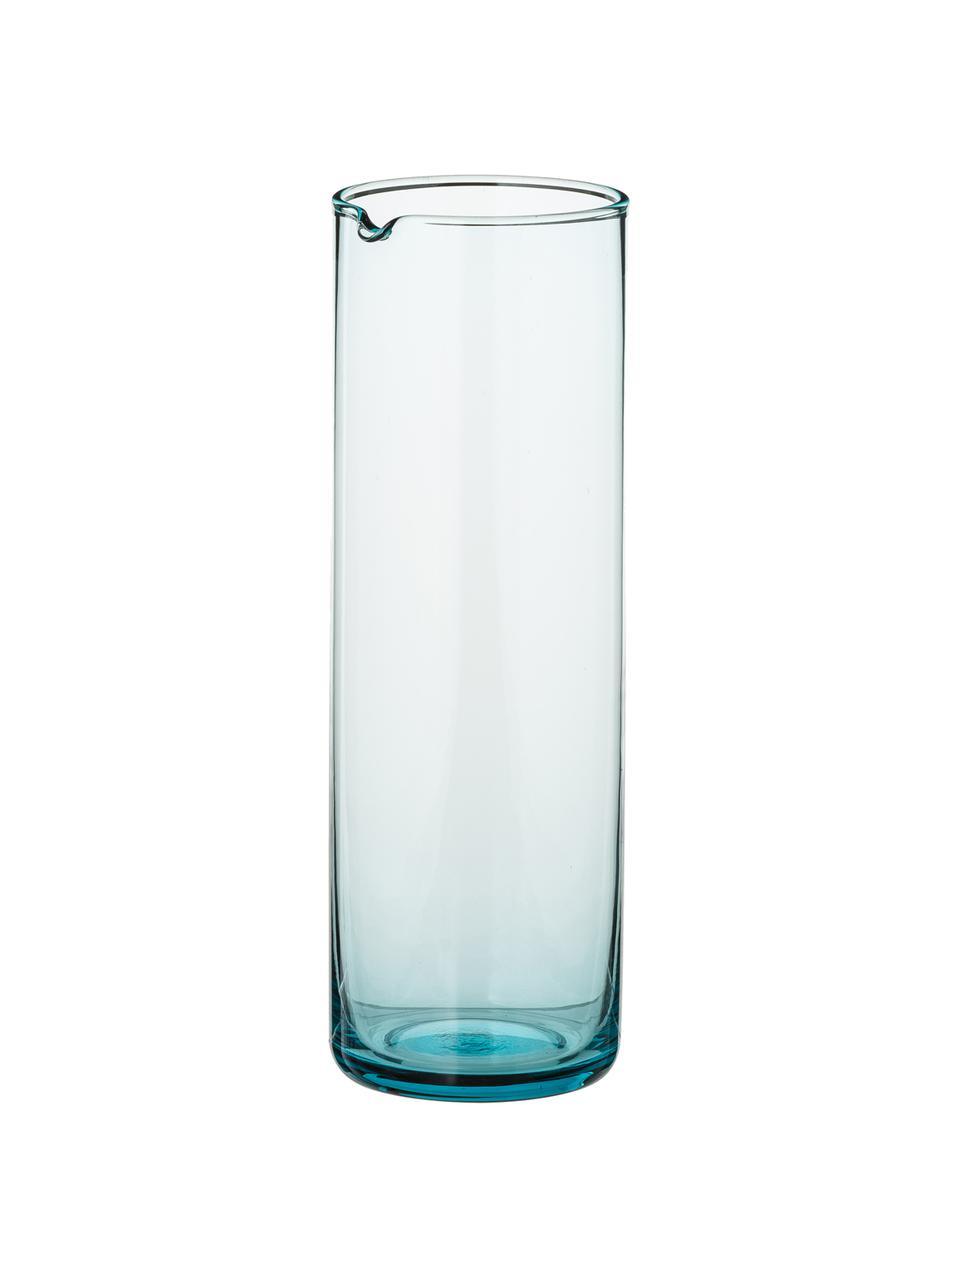 Karaffe Bloom, 1 L, Glas, Türkis, 1 L